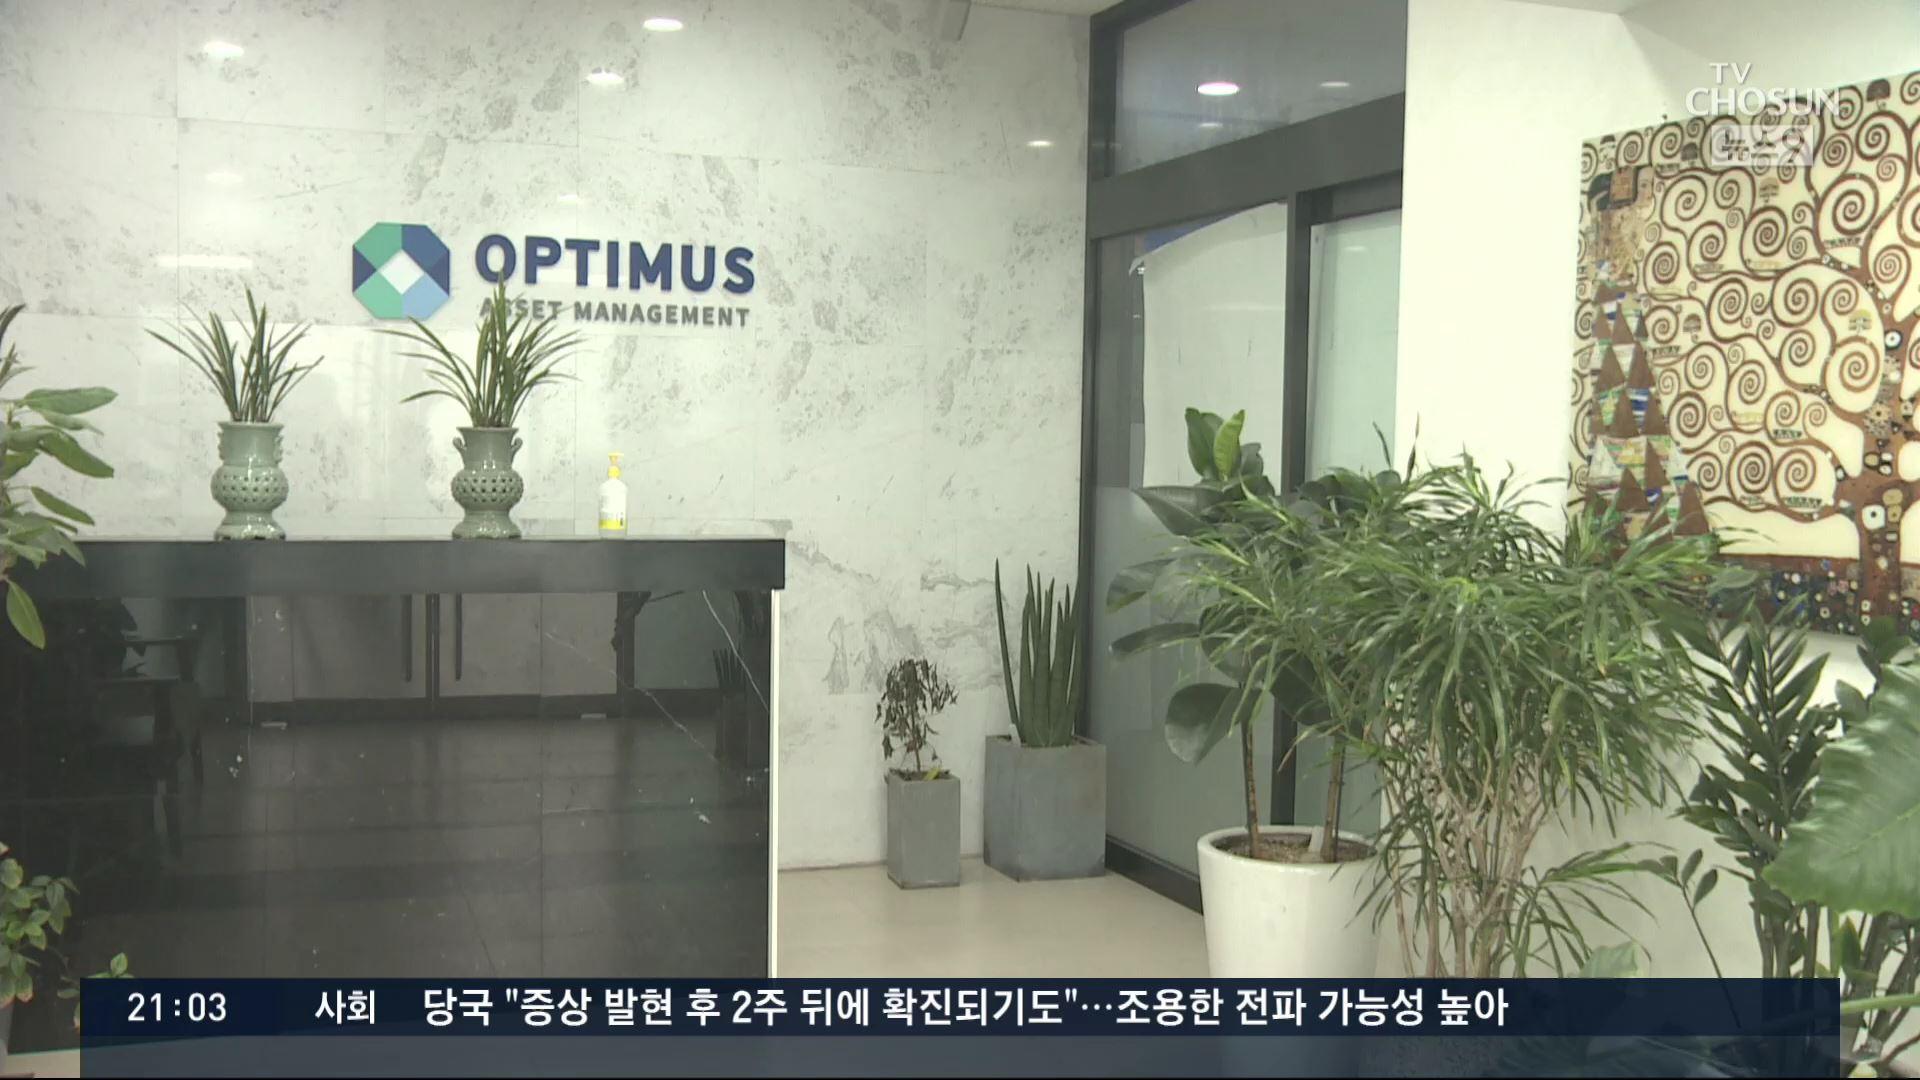 [단독] 옵티머스 대표 한마디에 수십억 수시 인출…회삿돈 '펑펑'